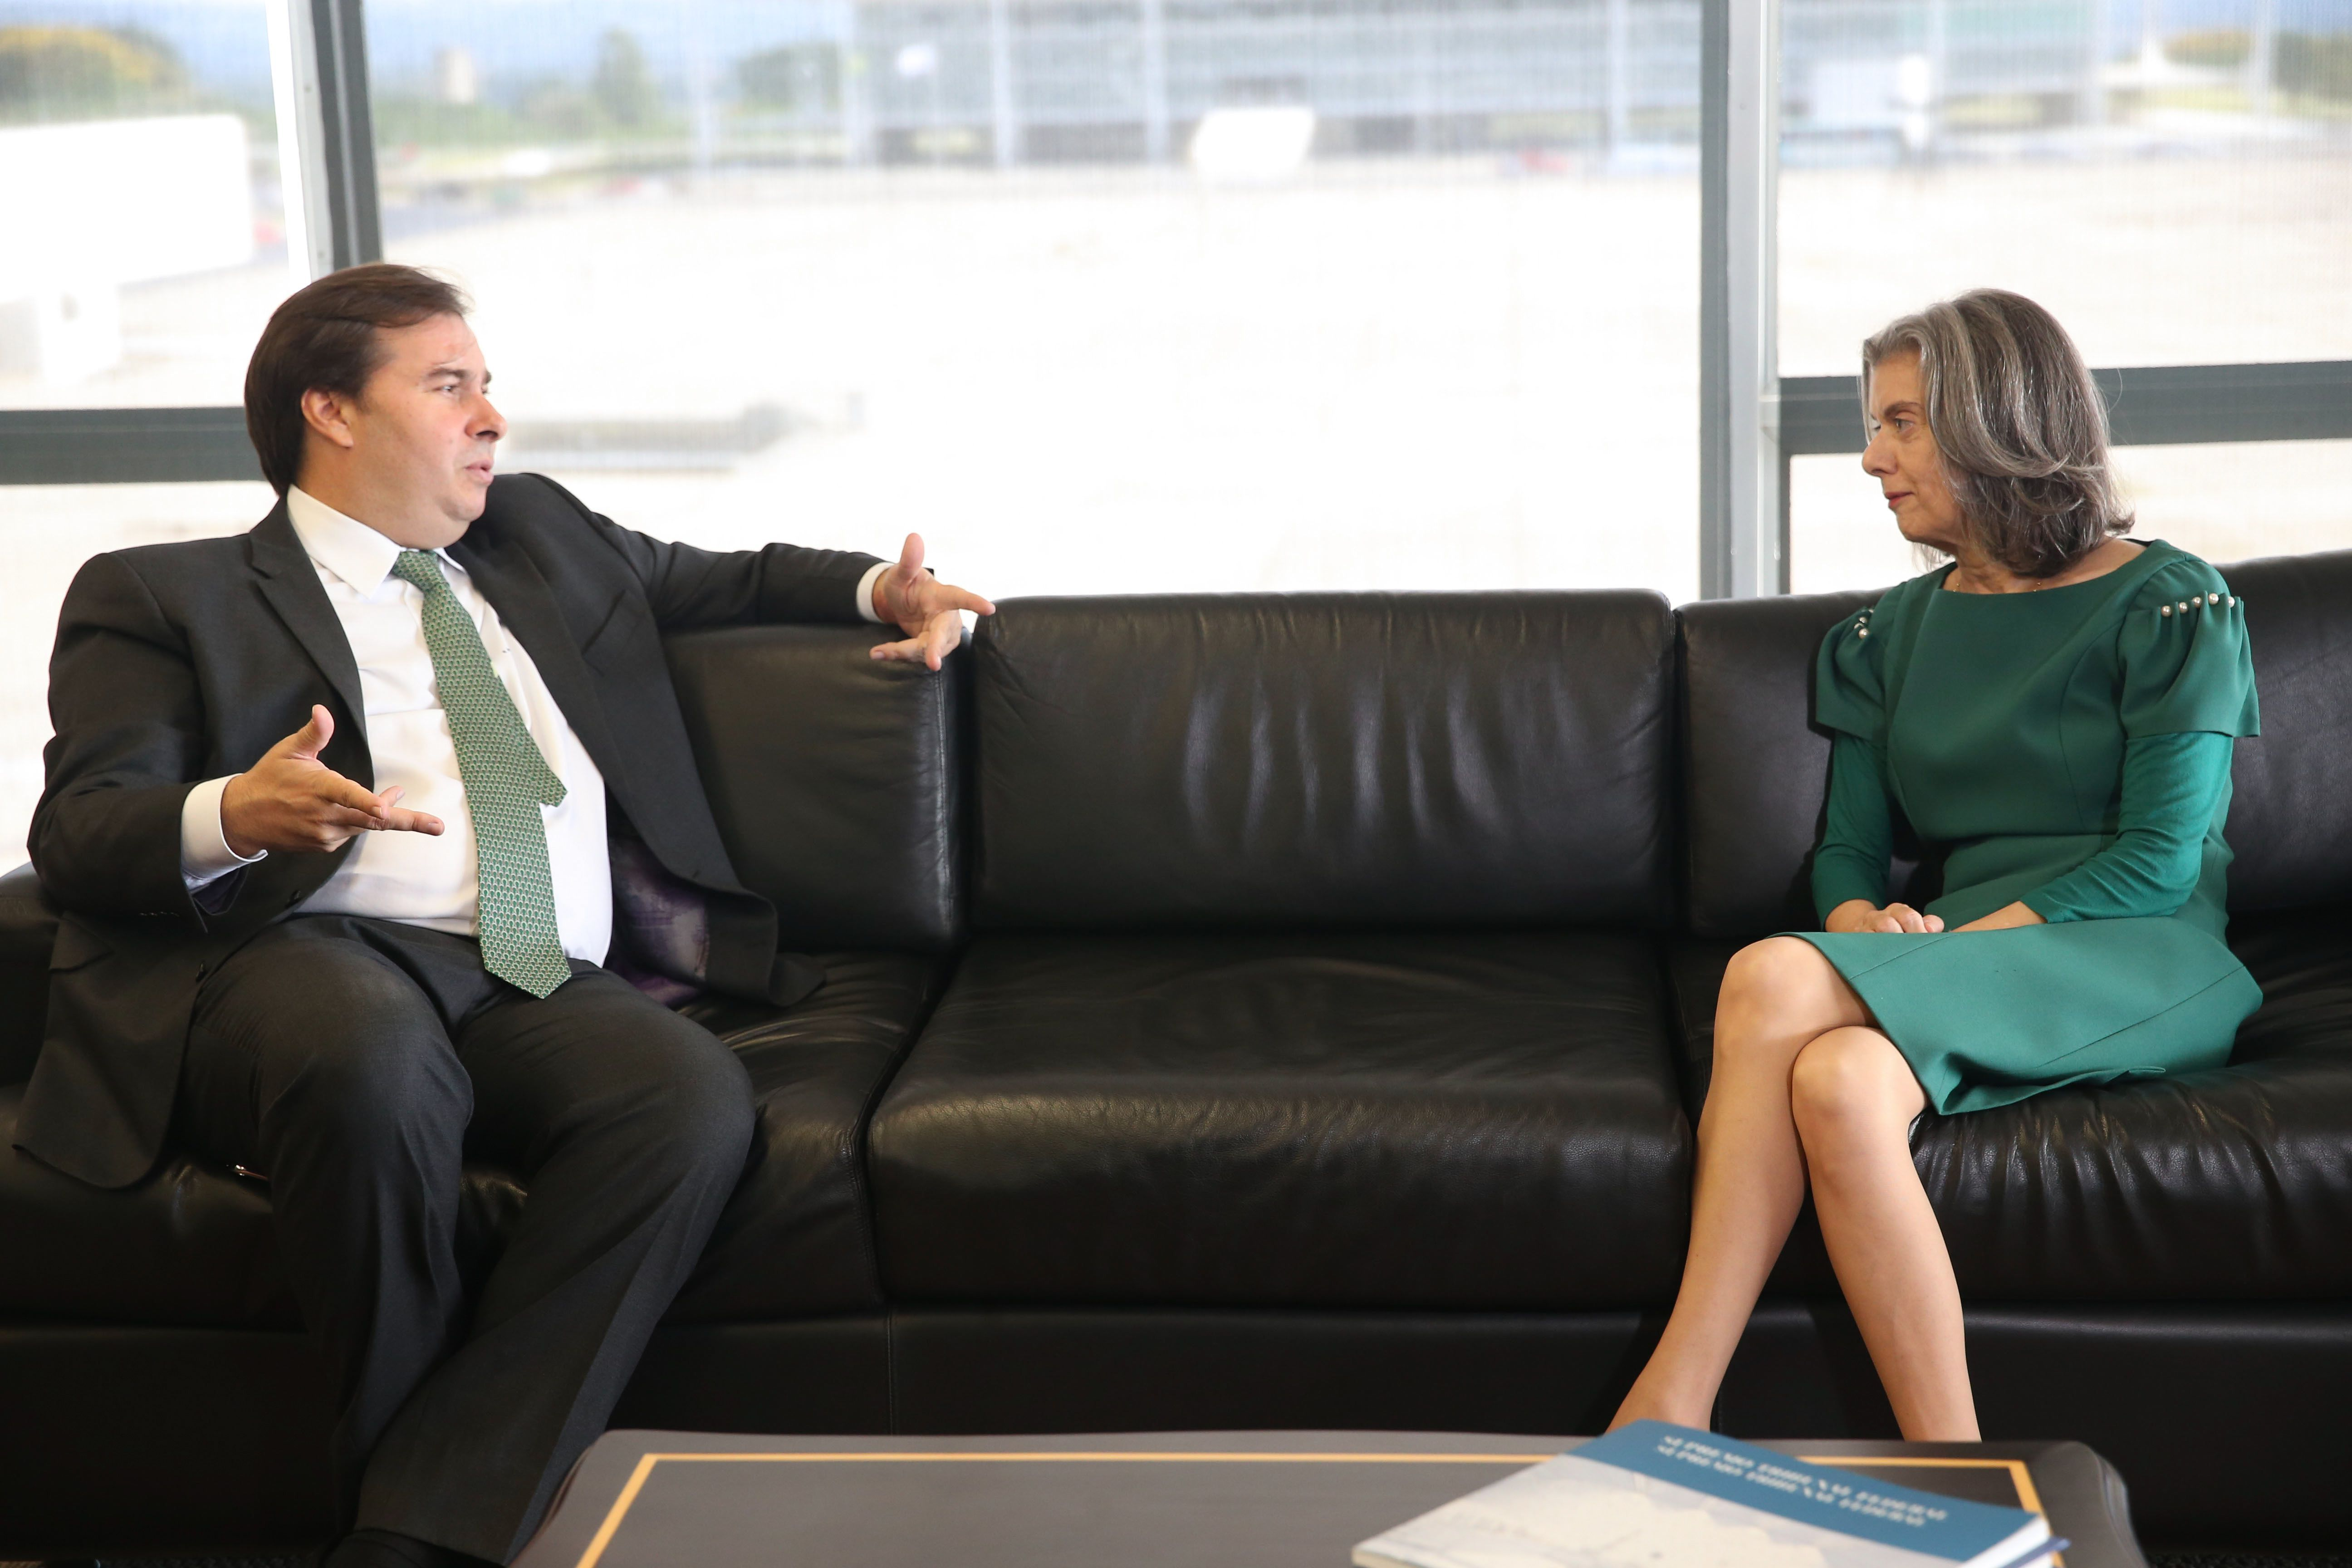 Autoridades - presidente da Câmara Rodrigo Maia e presidente do STF Carmen Lúcia